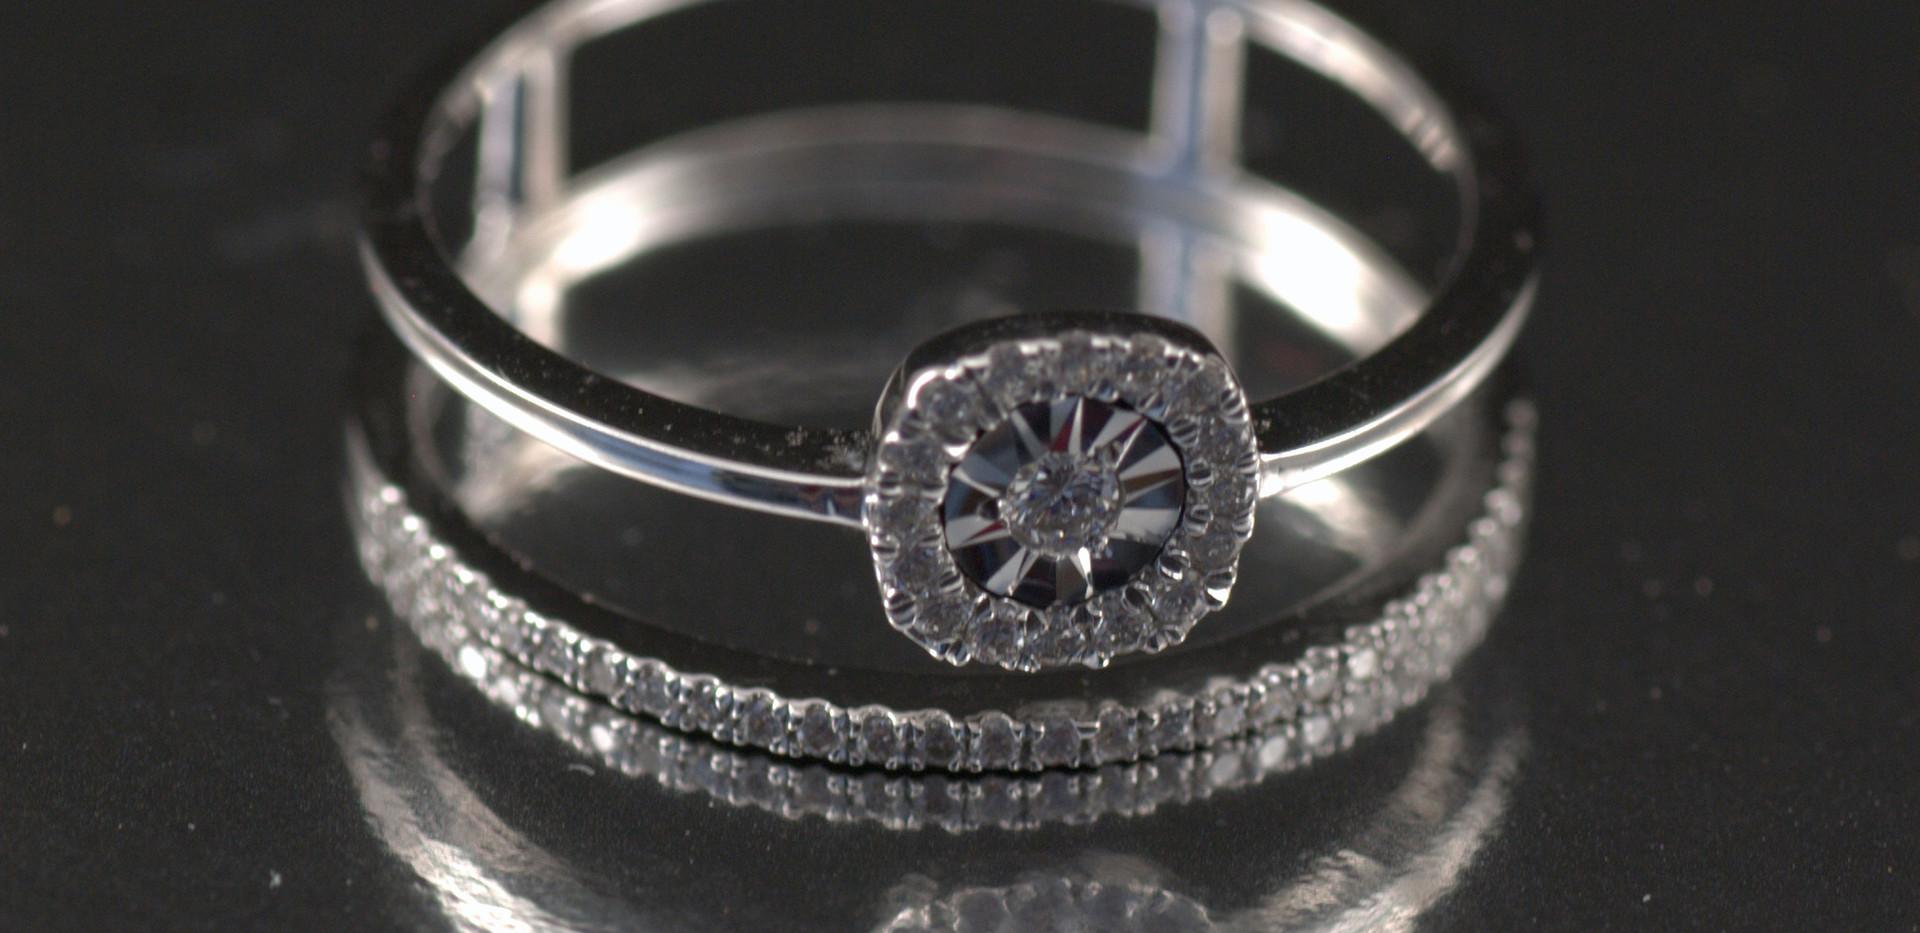 Argolla pisargolla Oro Blanco Diamantes_